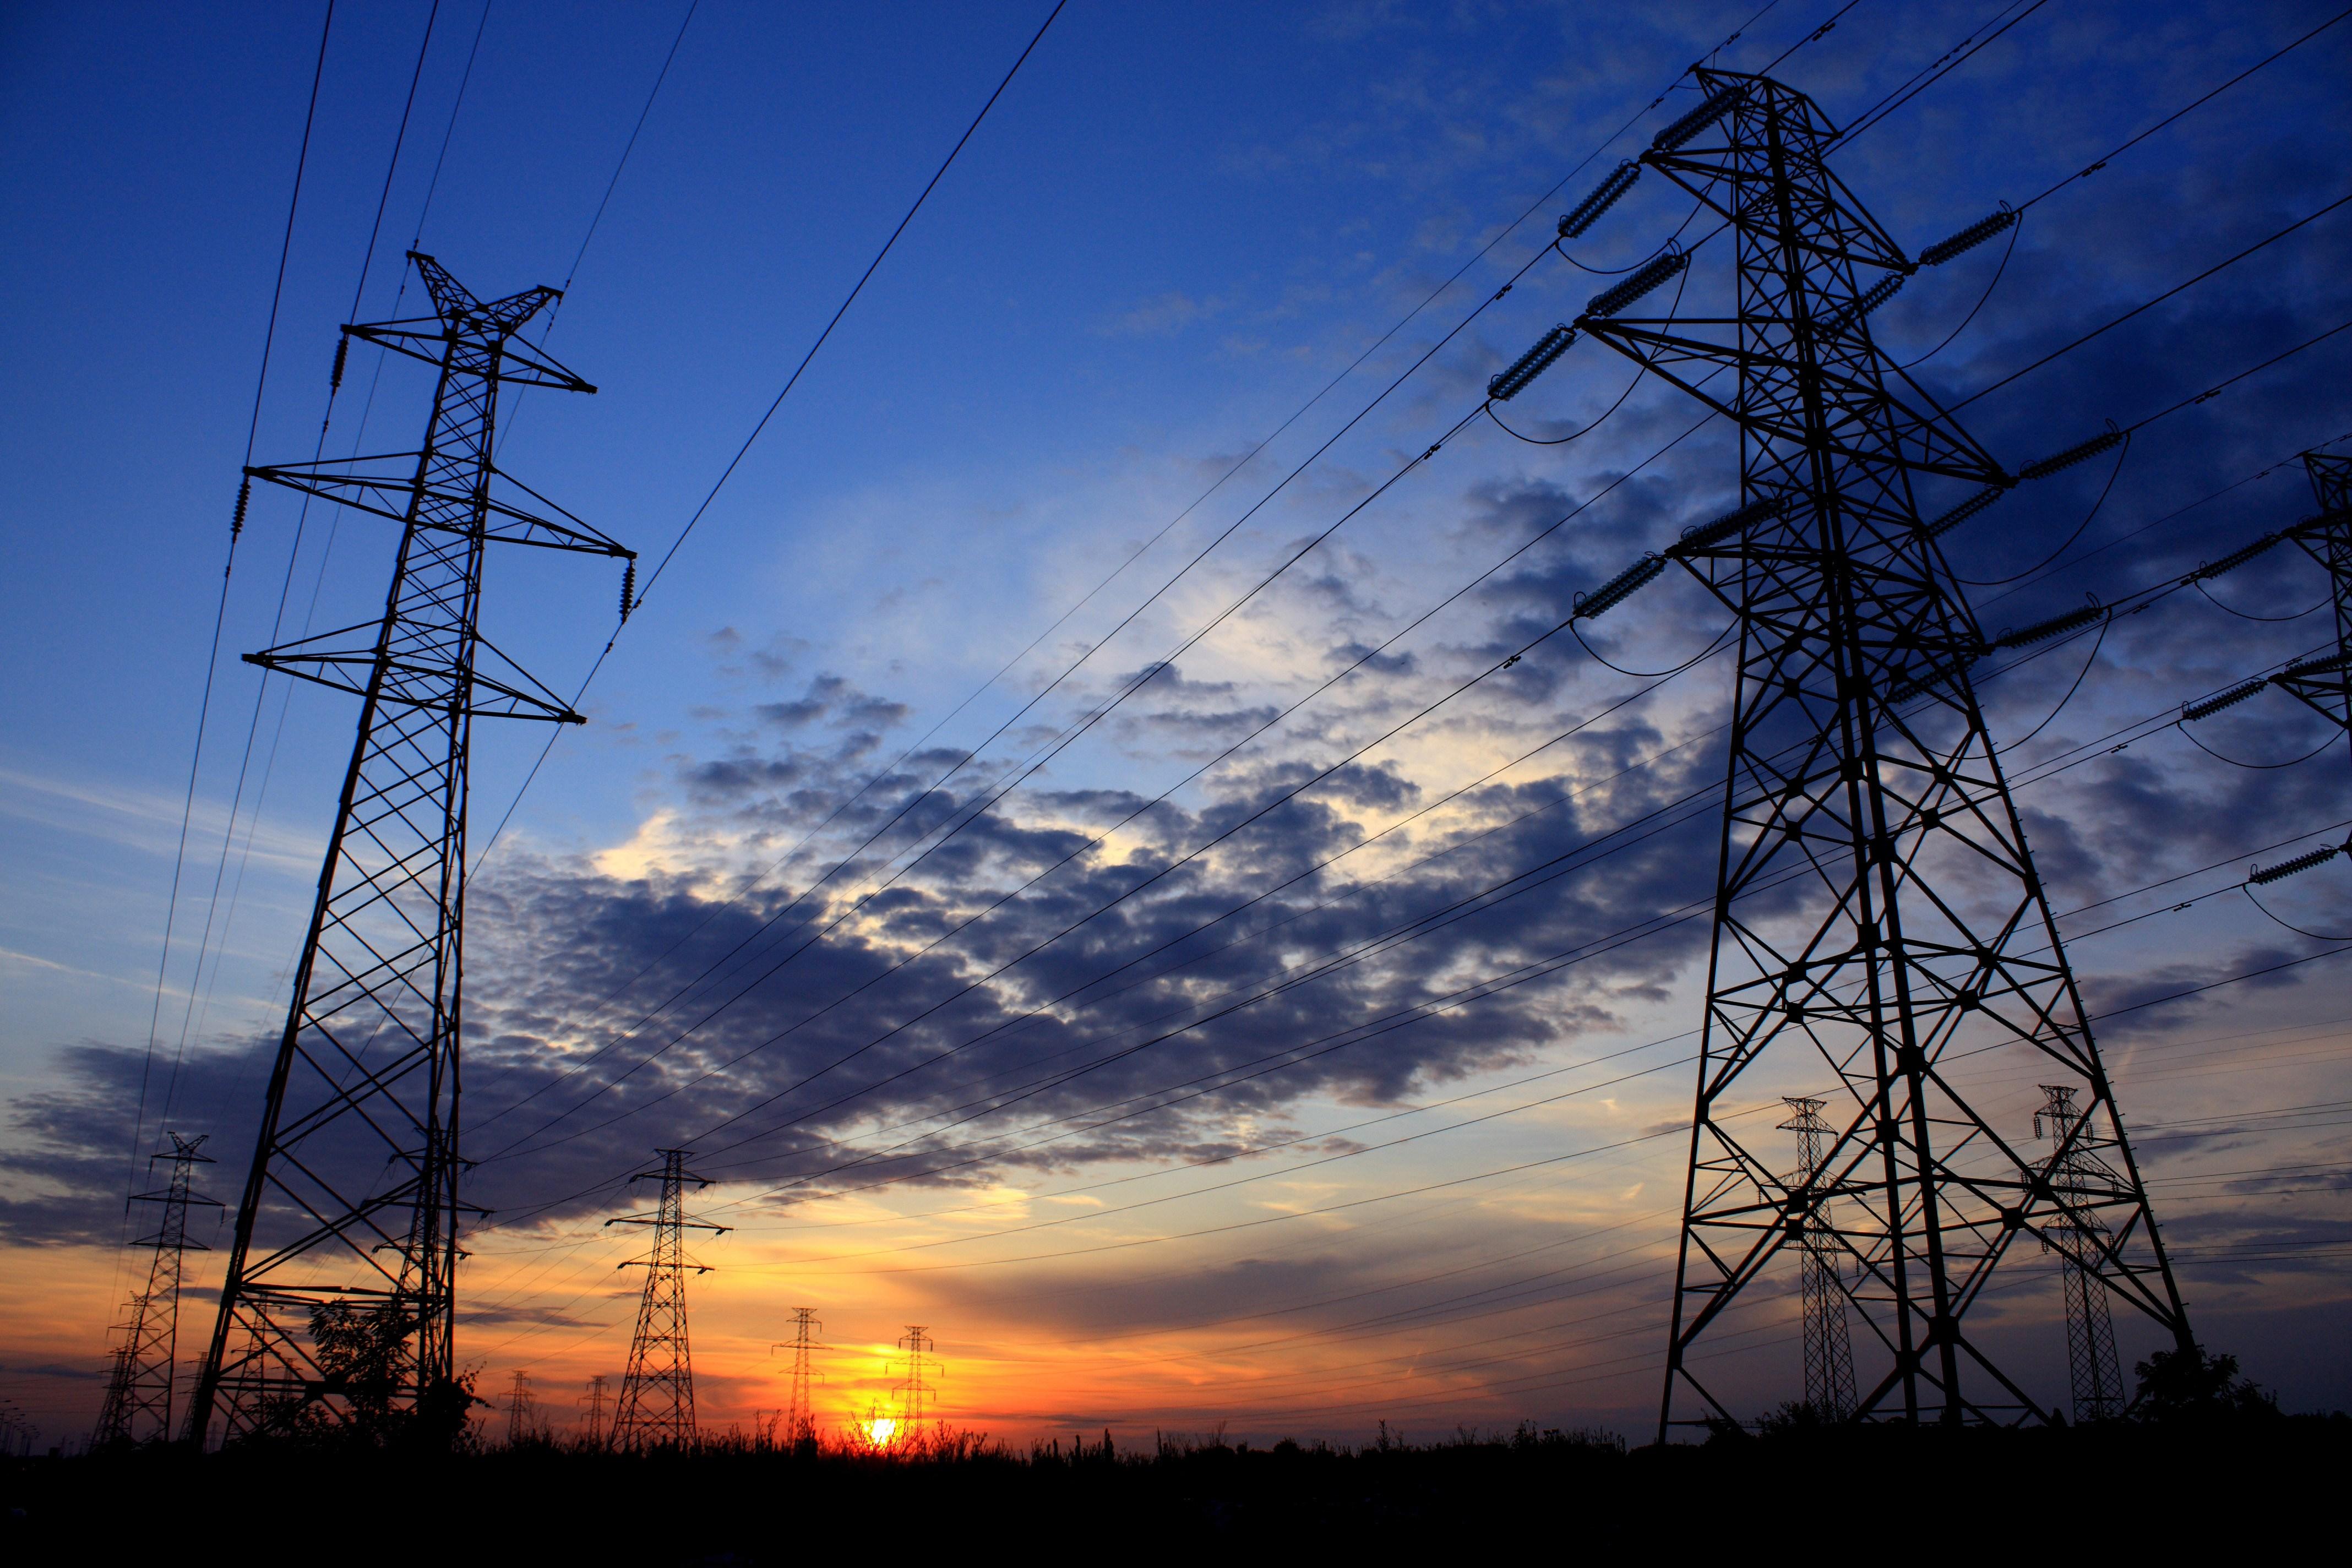 La Nación asumirá el pasivo por $1,2 billones de Electricaribe: el Gobierno anuncia inversiones en redes eléctricas por $500 mil millones